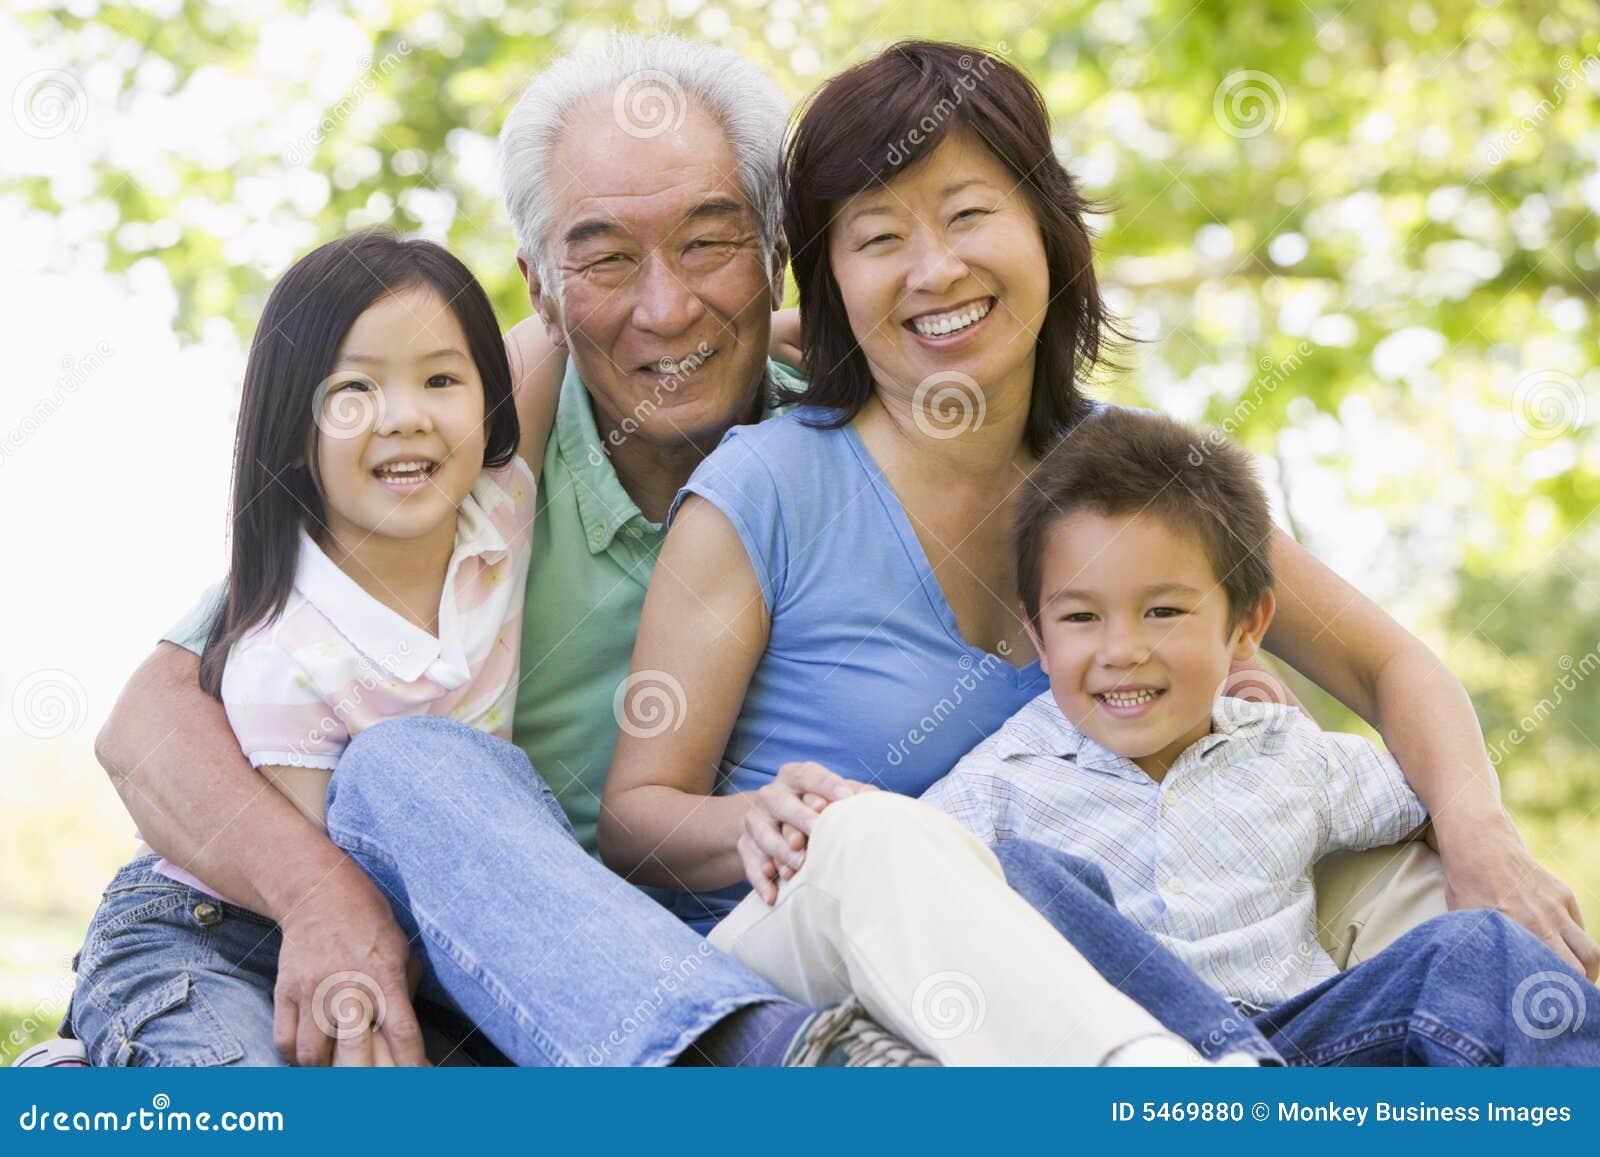 Смотреть бесплатно бабушка и внук 20 фотография